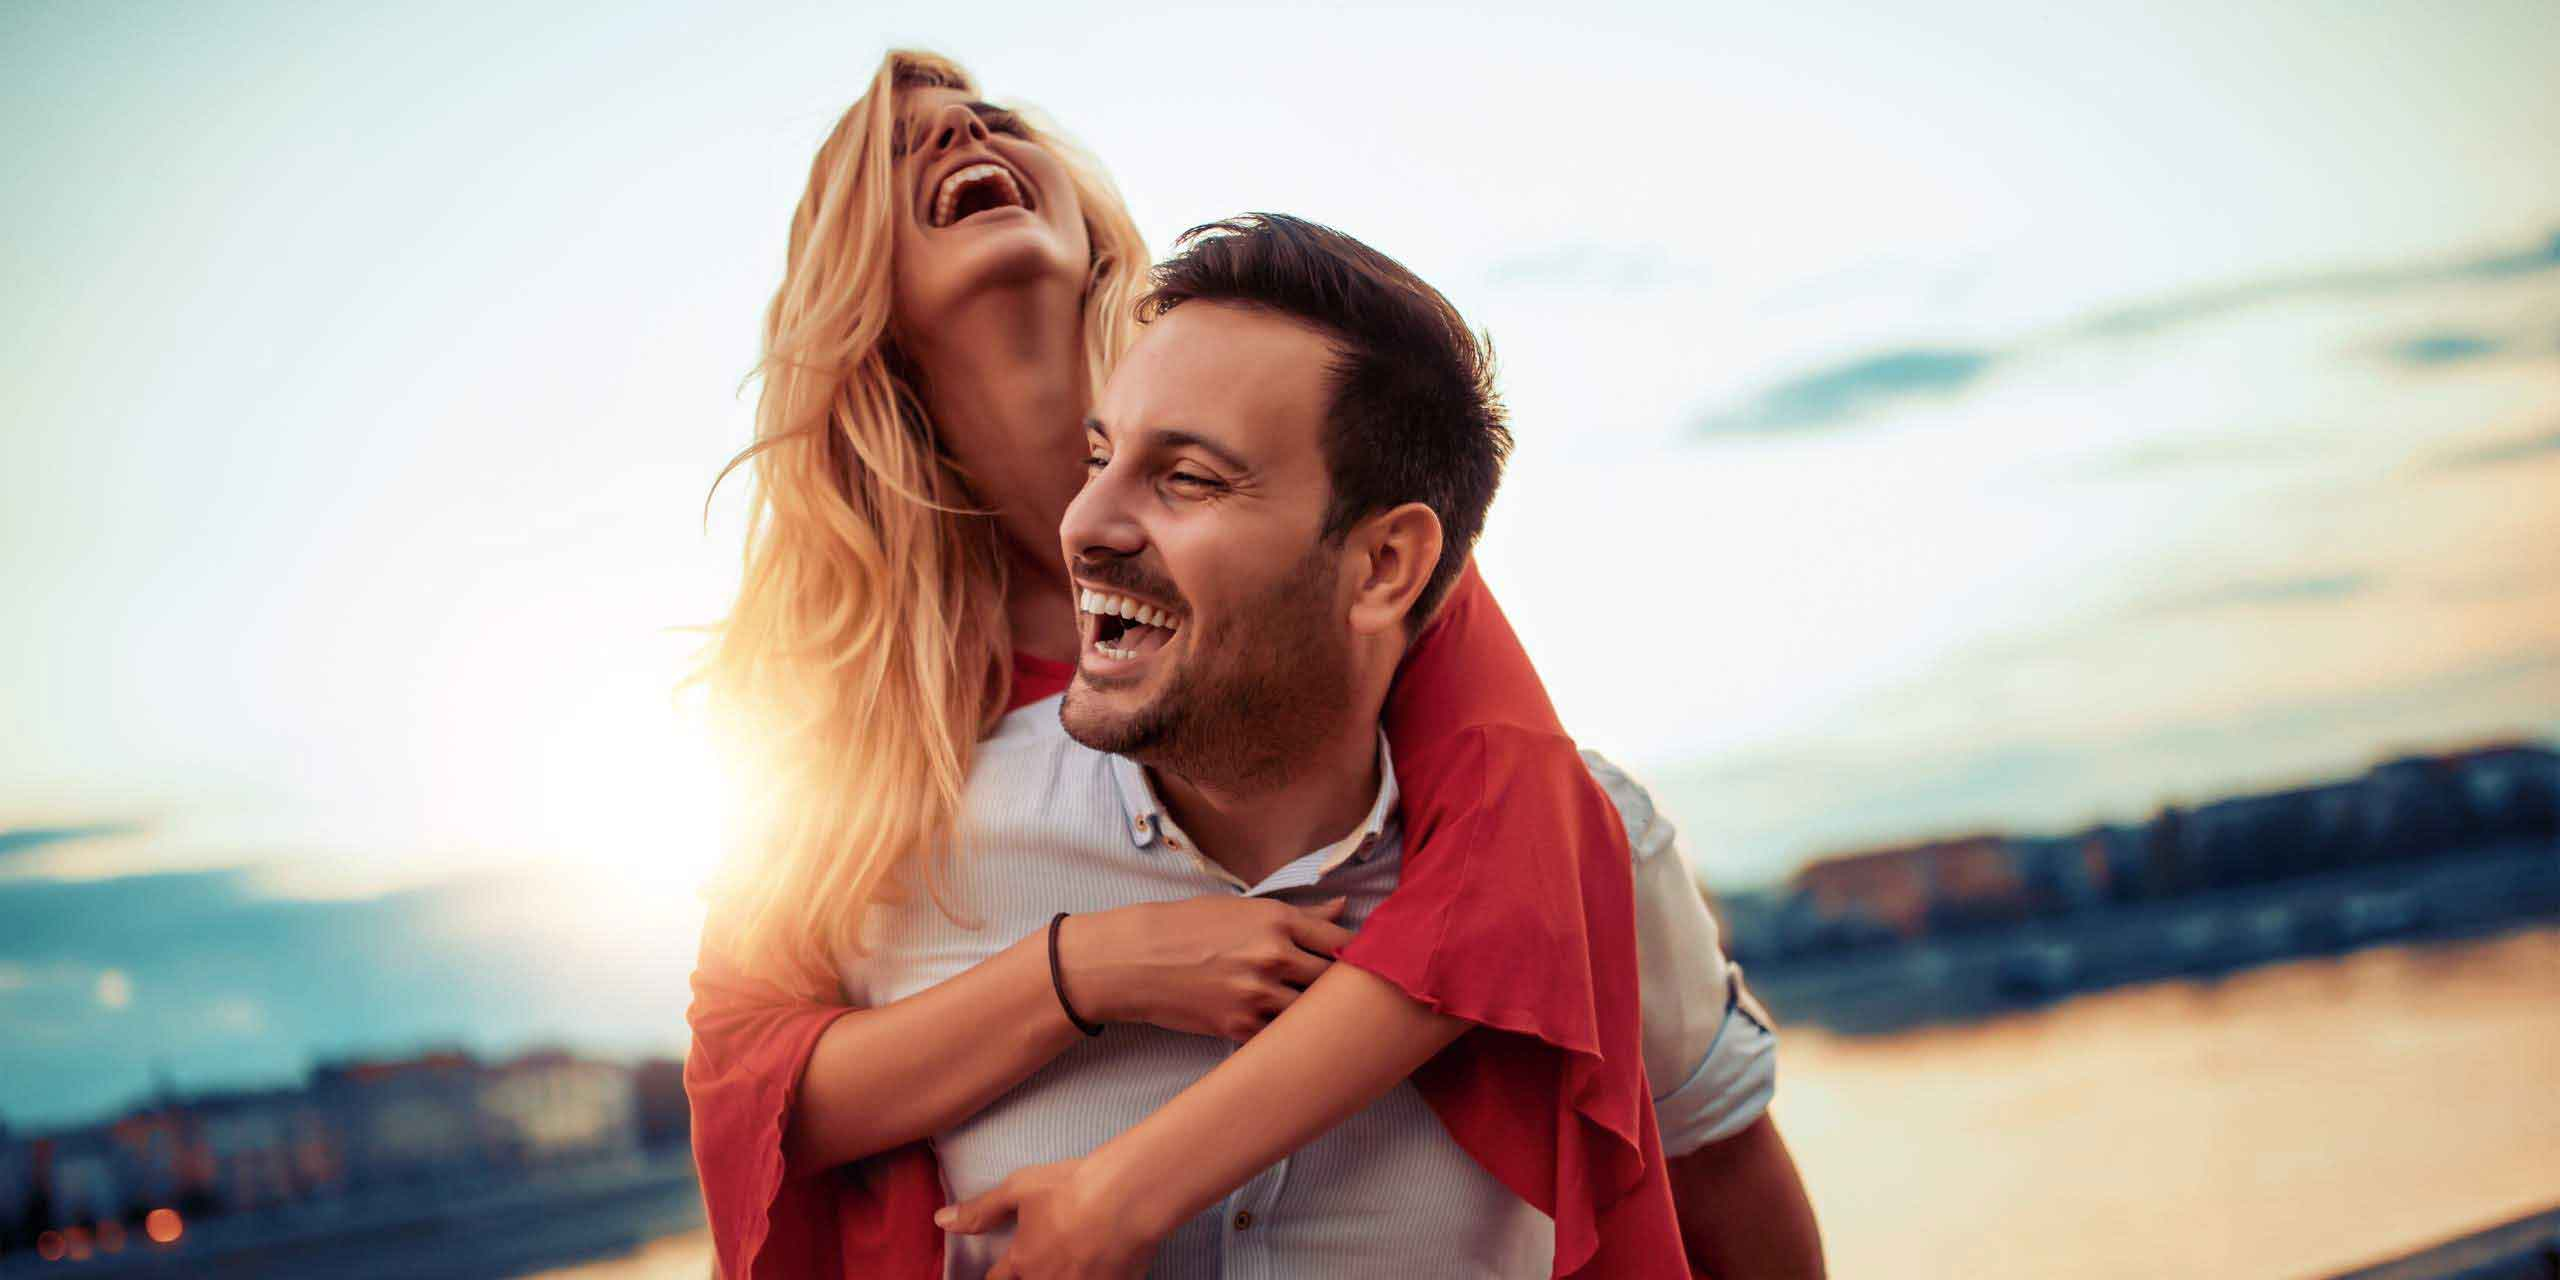 Unterschiede im Online-Dating-Verhalten zwischen Frauen und Männern